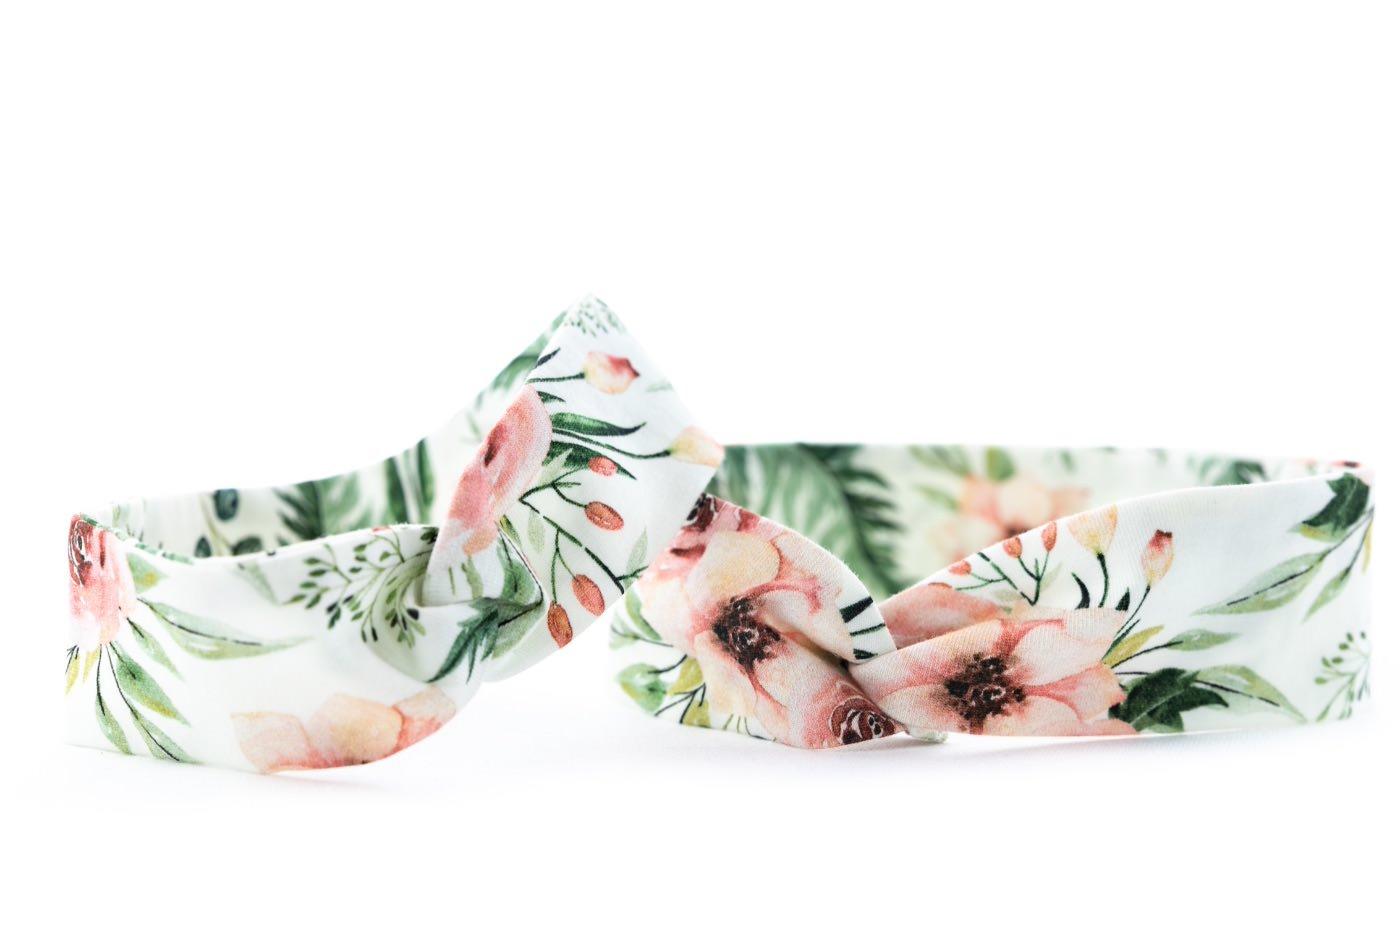 Tenká čelenka s růžovými květy - detail